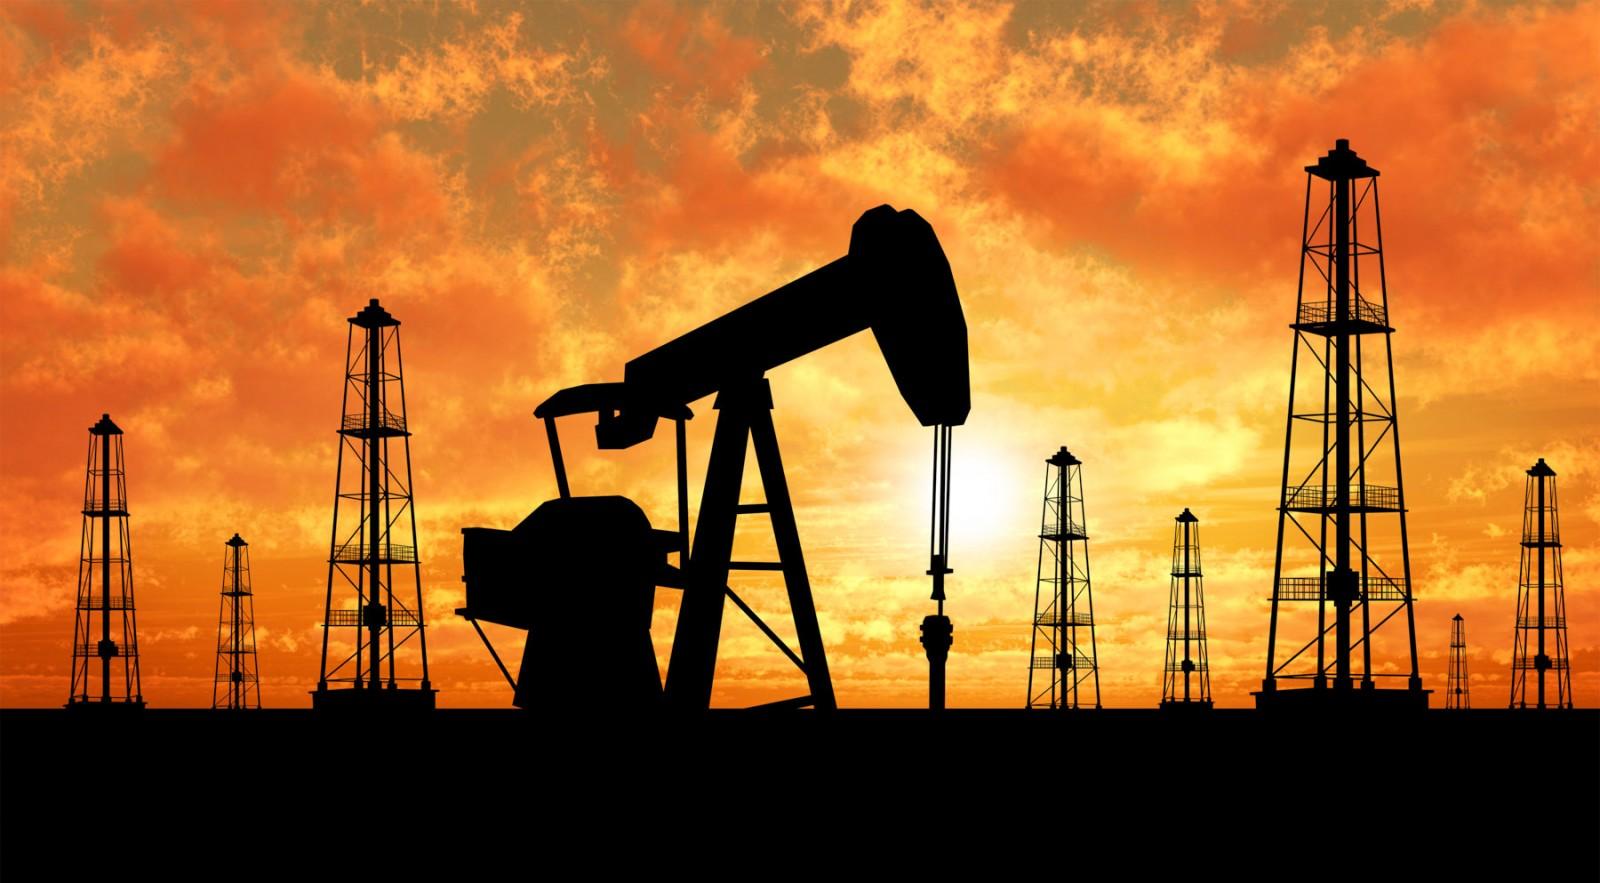 Цена нефти марки Brent выросла до $57,11 за баррель, WTI - до $51,19